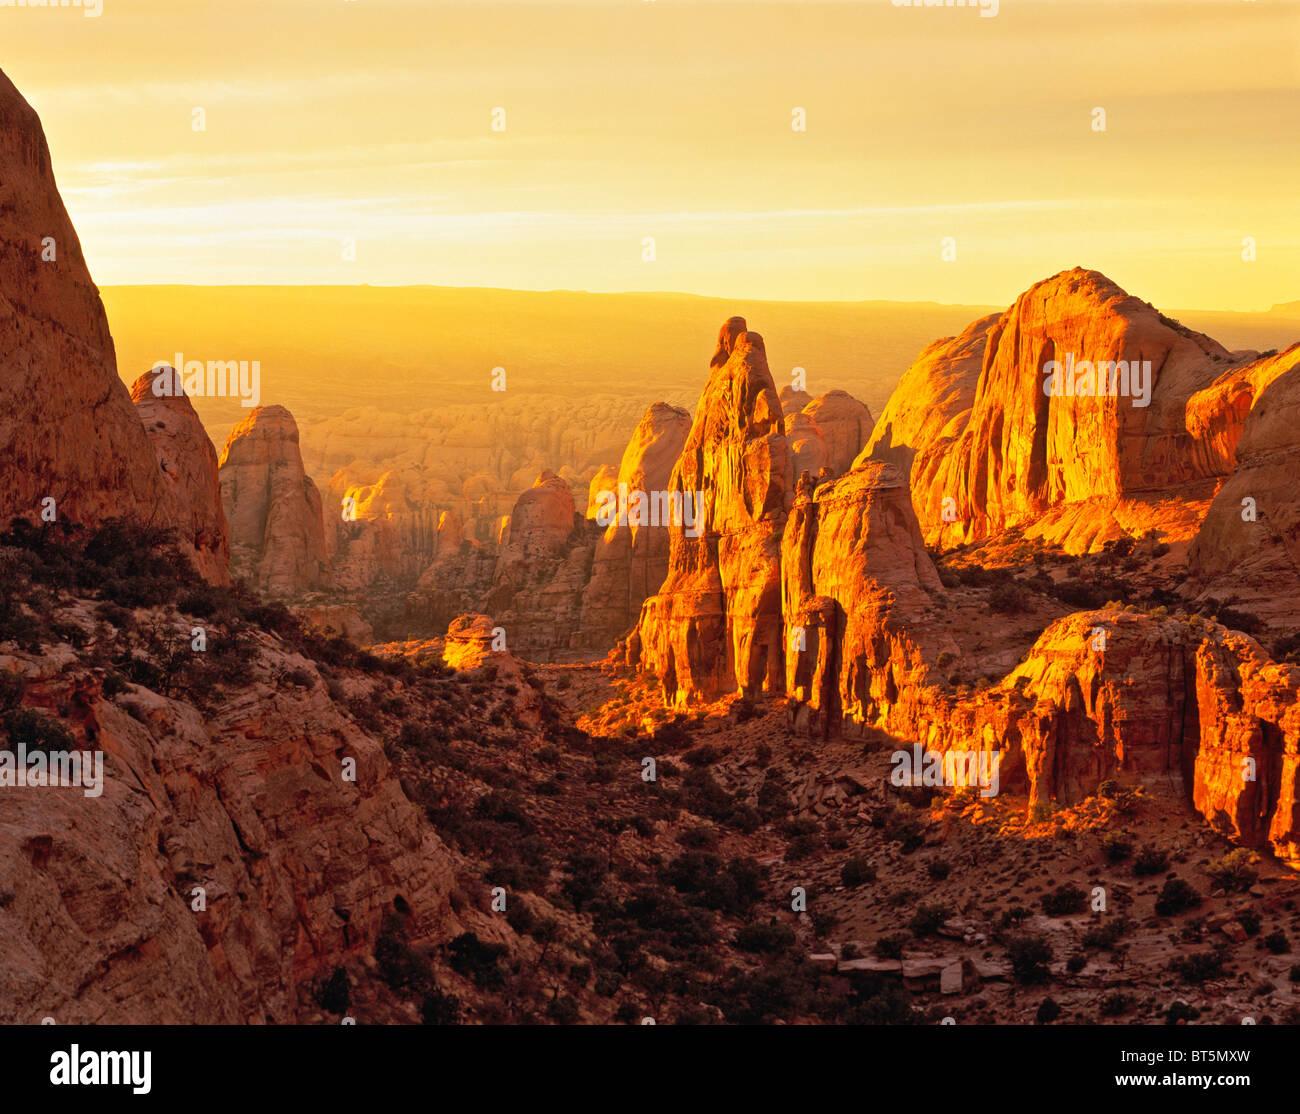 Tramonto in dietro le rocce, Wilderness Area Studio, Utah Immagini Stock